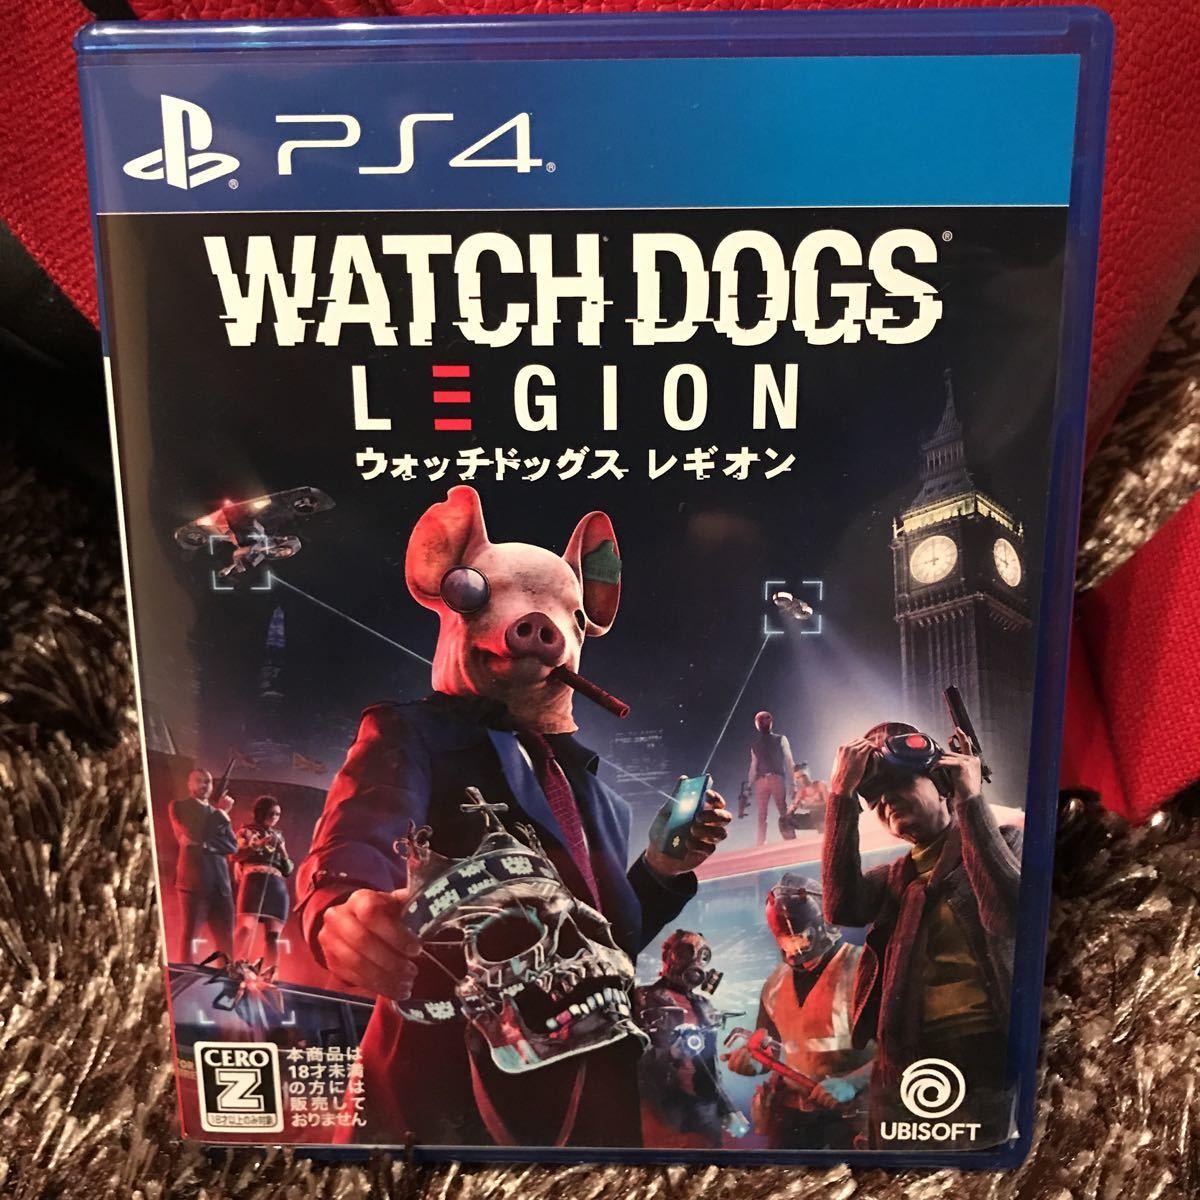 PS4 ウォッチドッグス レギオン 初回特典コード2種未使用付き